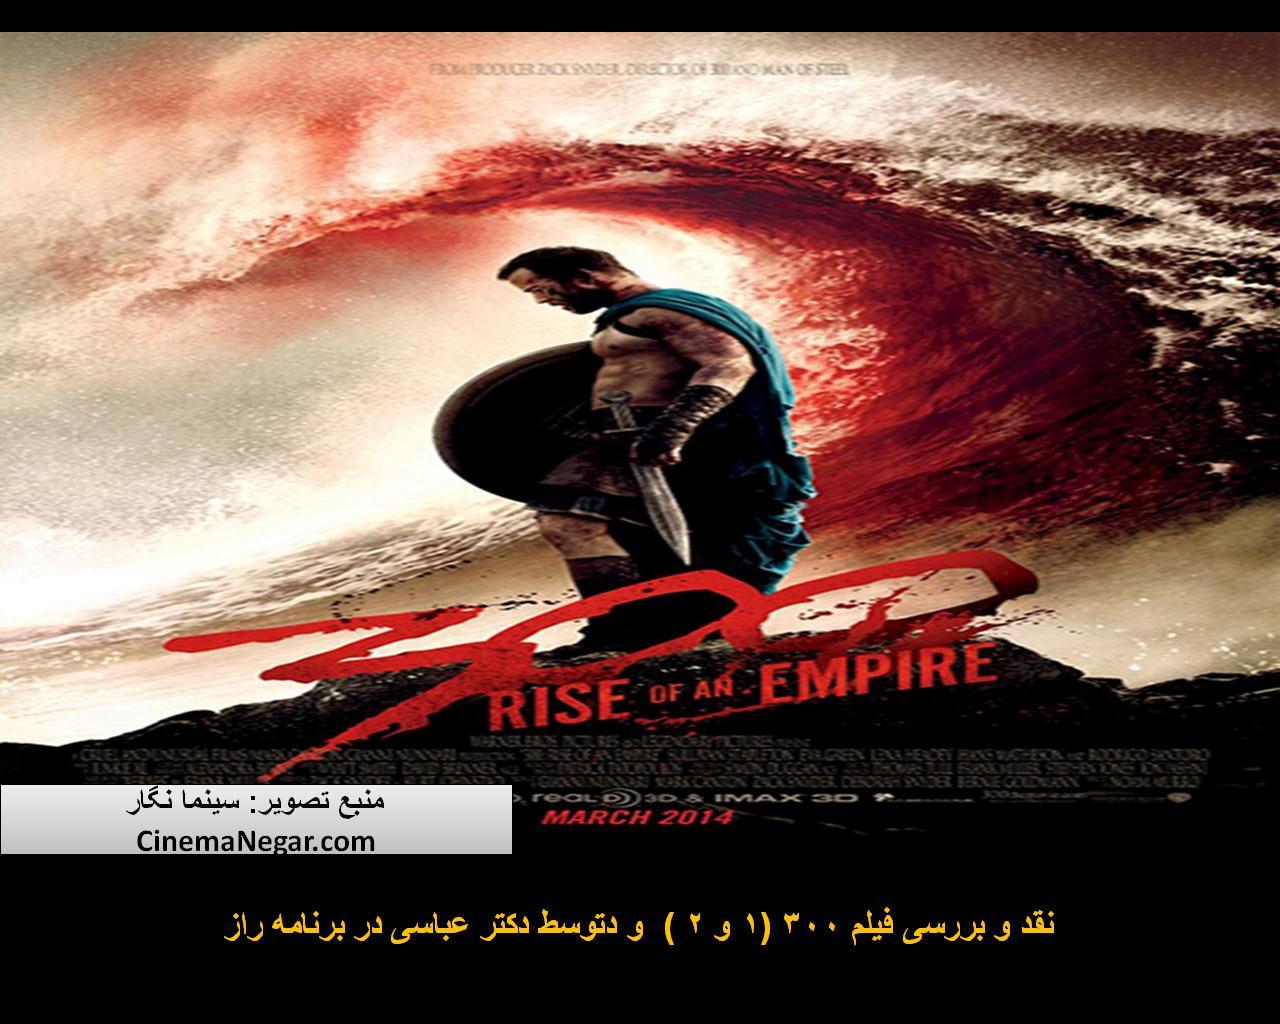 دانلود نقد و بررسی فیلم 300 (1و2) توسط دکتر عباسی در برنامه راز